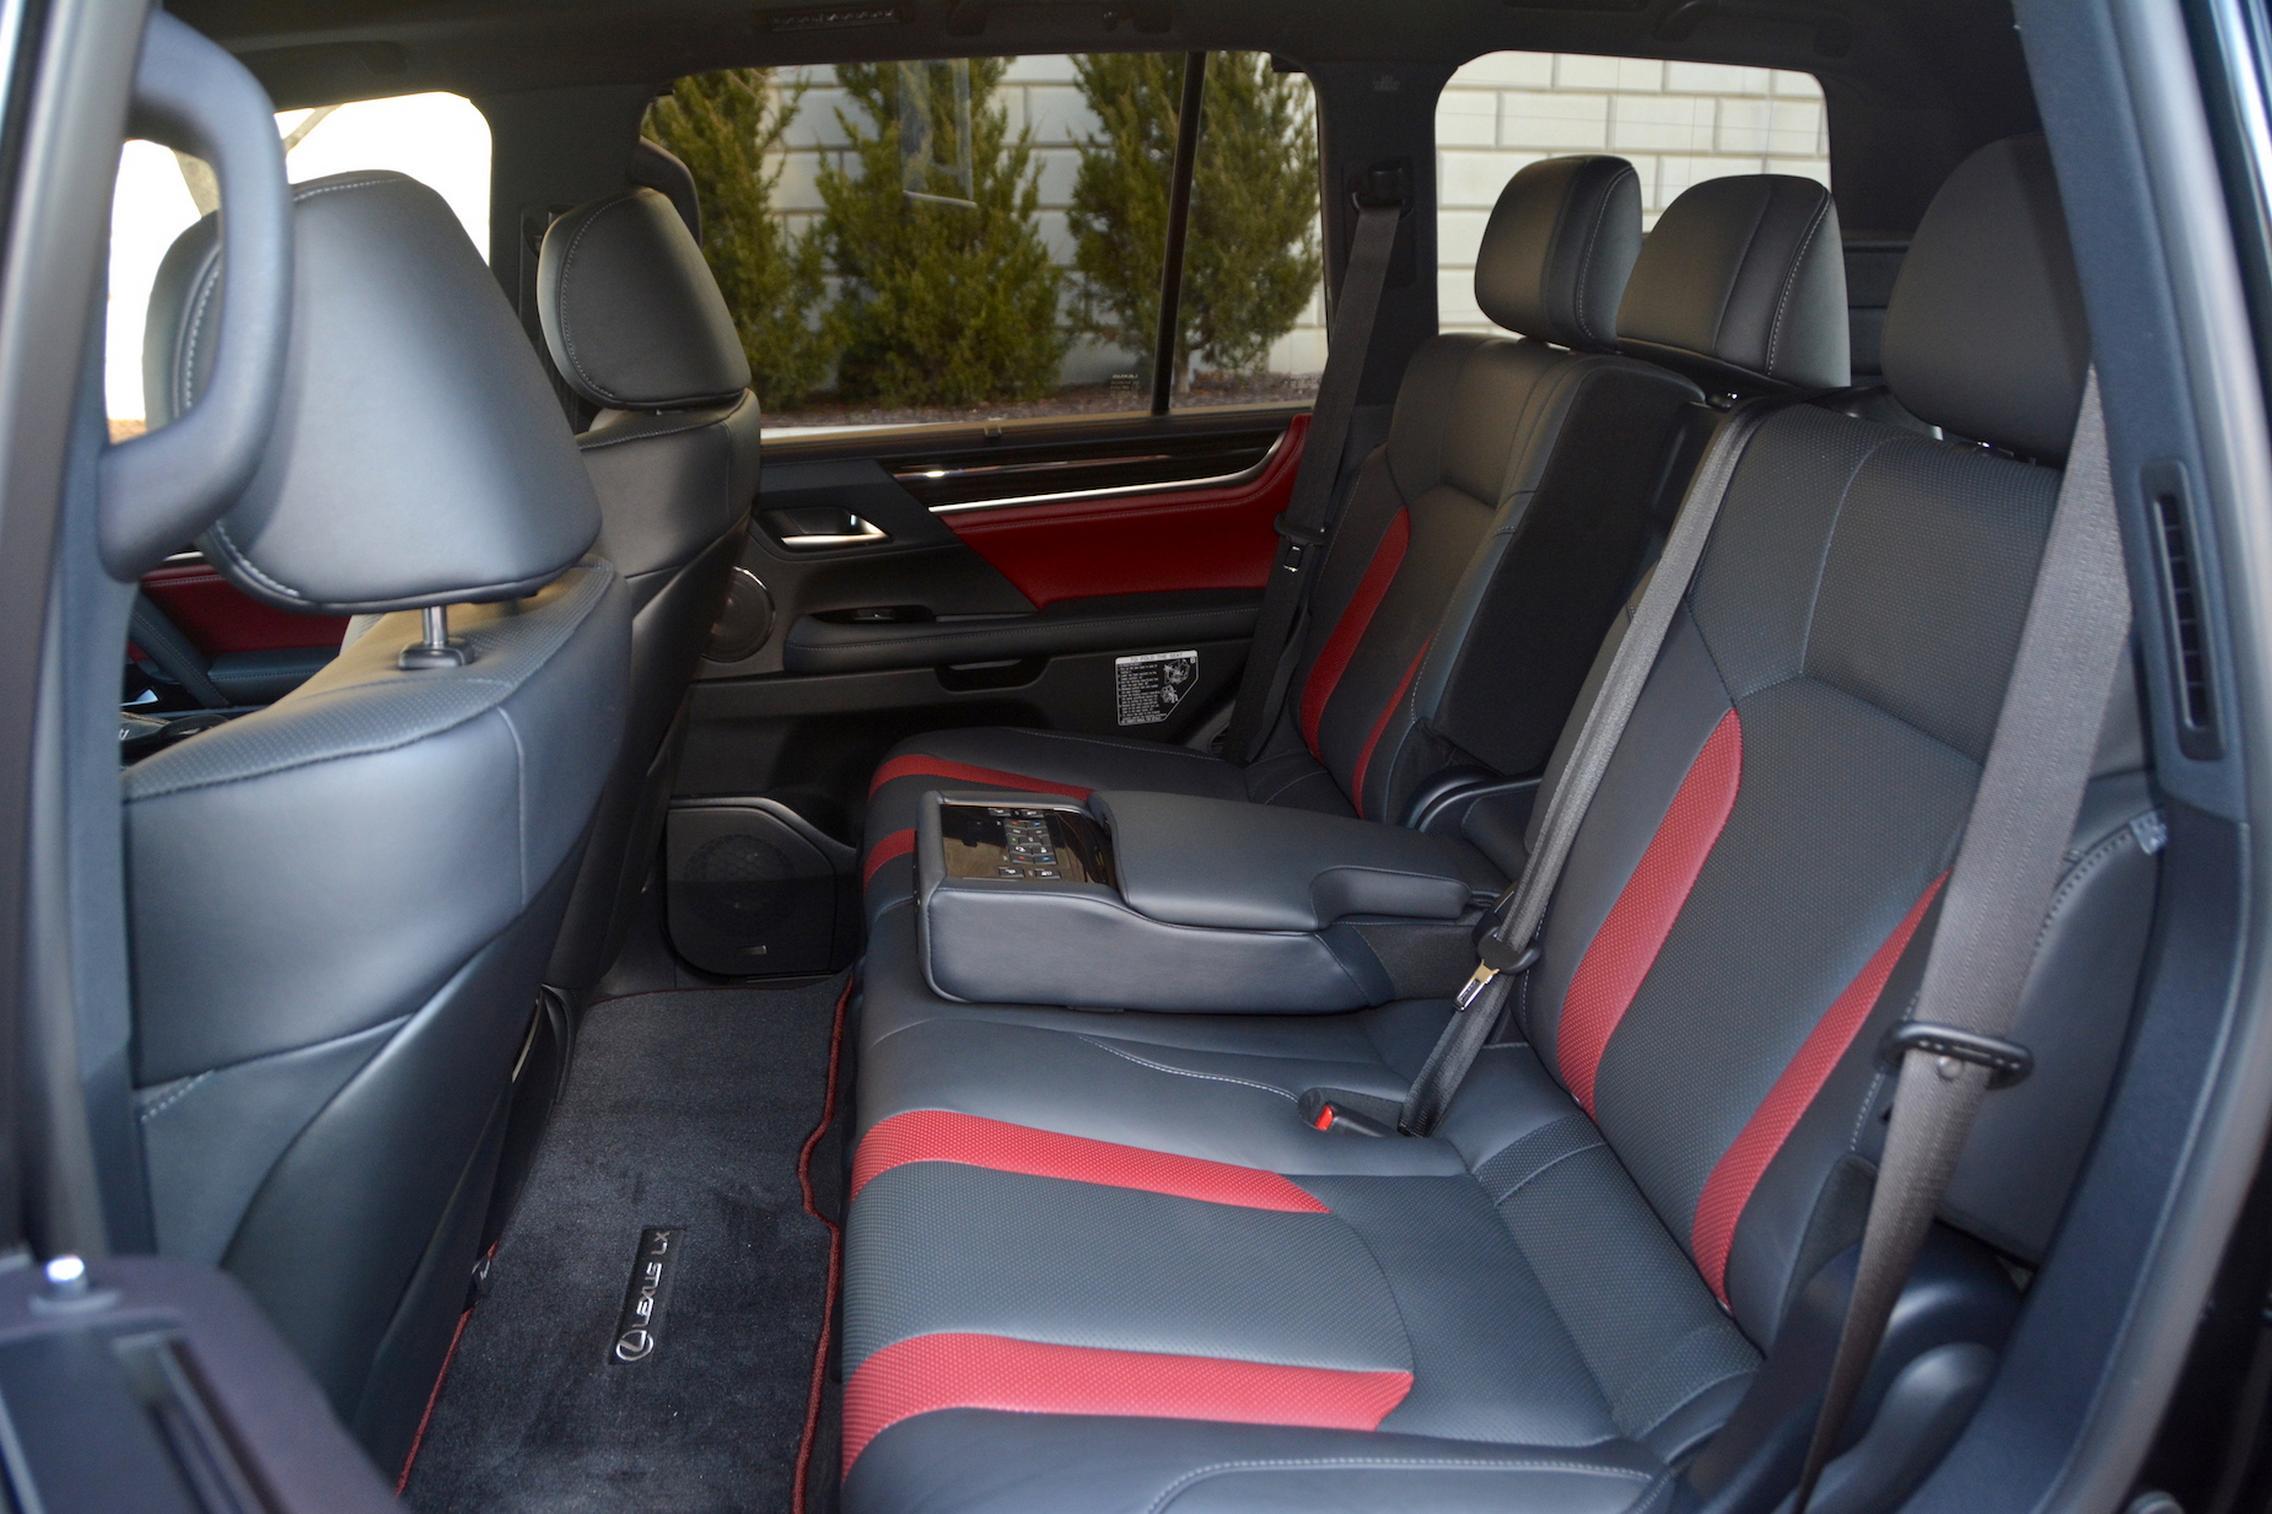 2021 Lexus LX570 rear seats